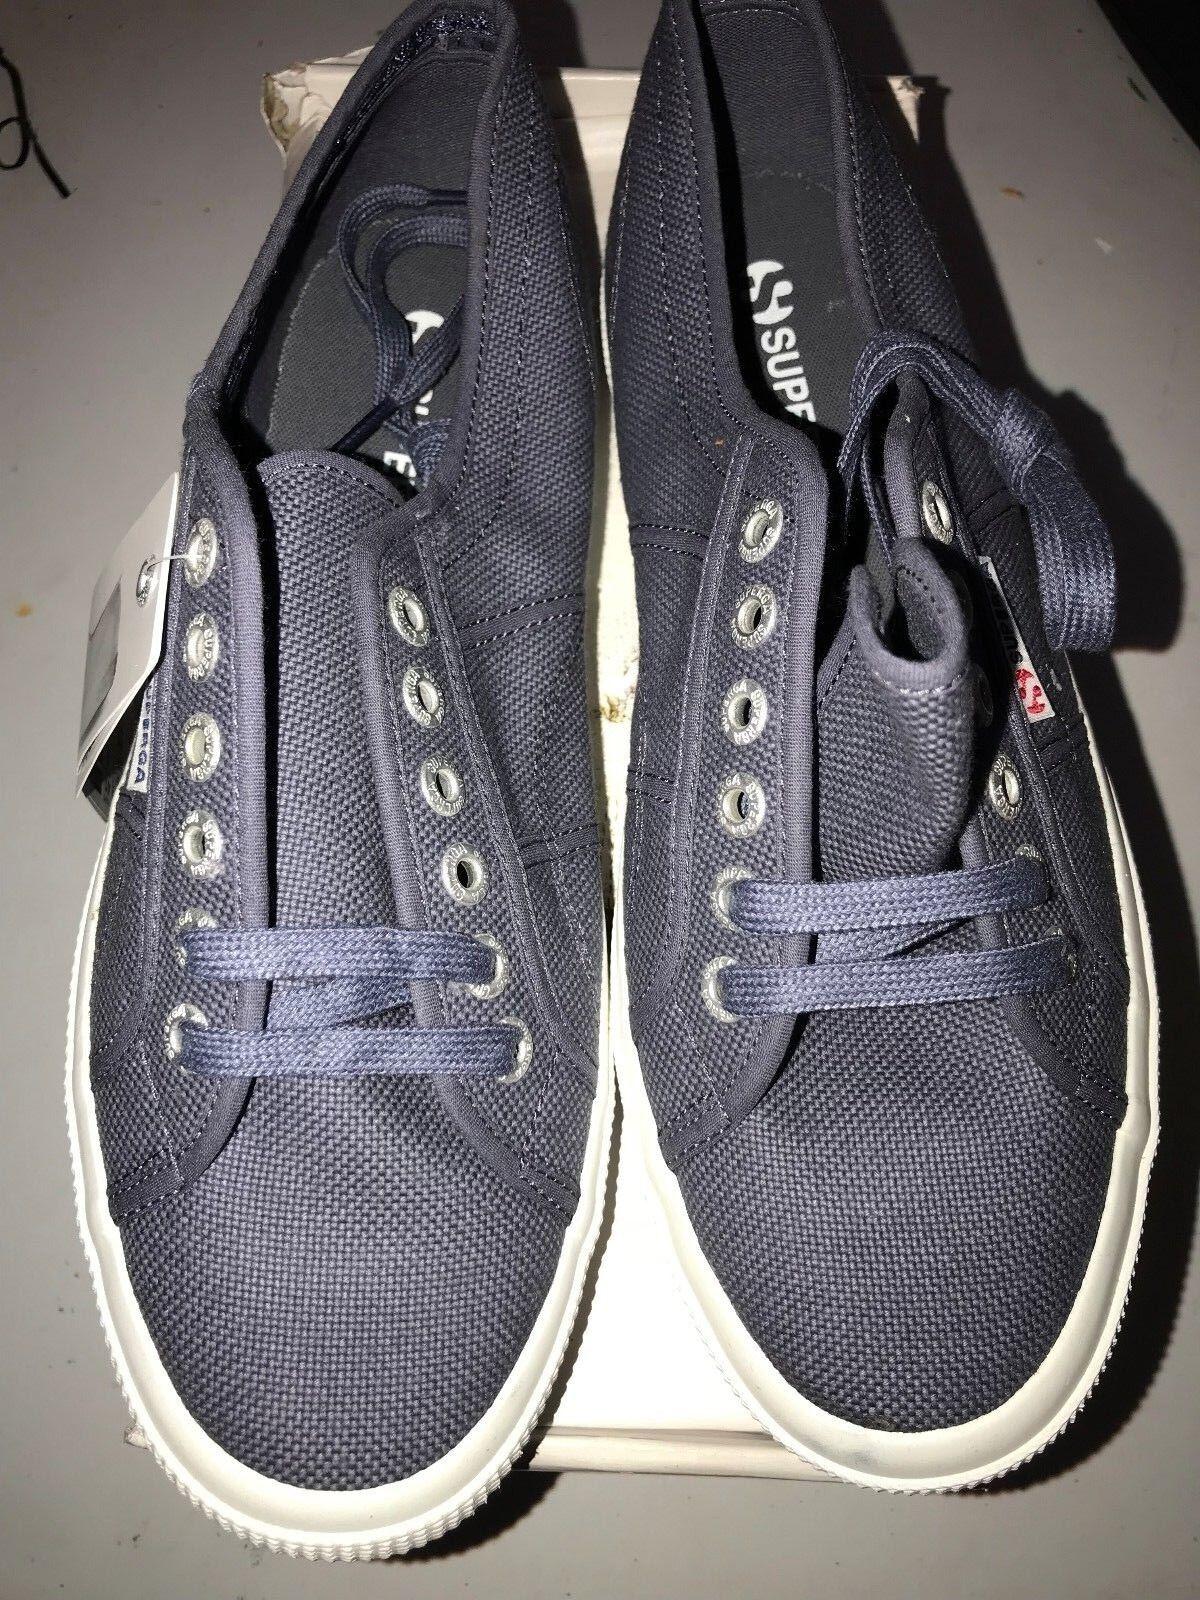 Superga Unisex 2750 Cotu Classic Sneaker Navy 8 M US Women / 6.5 M US Men